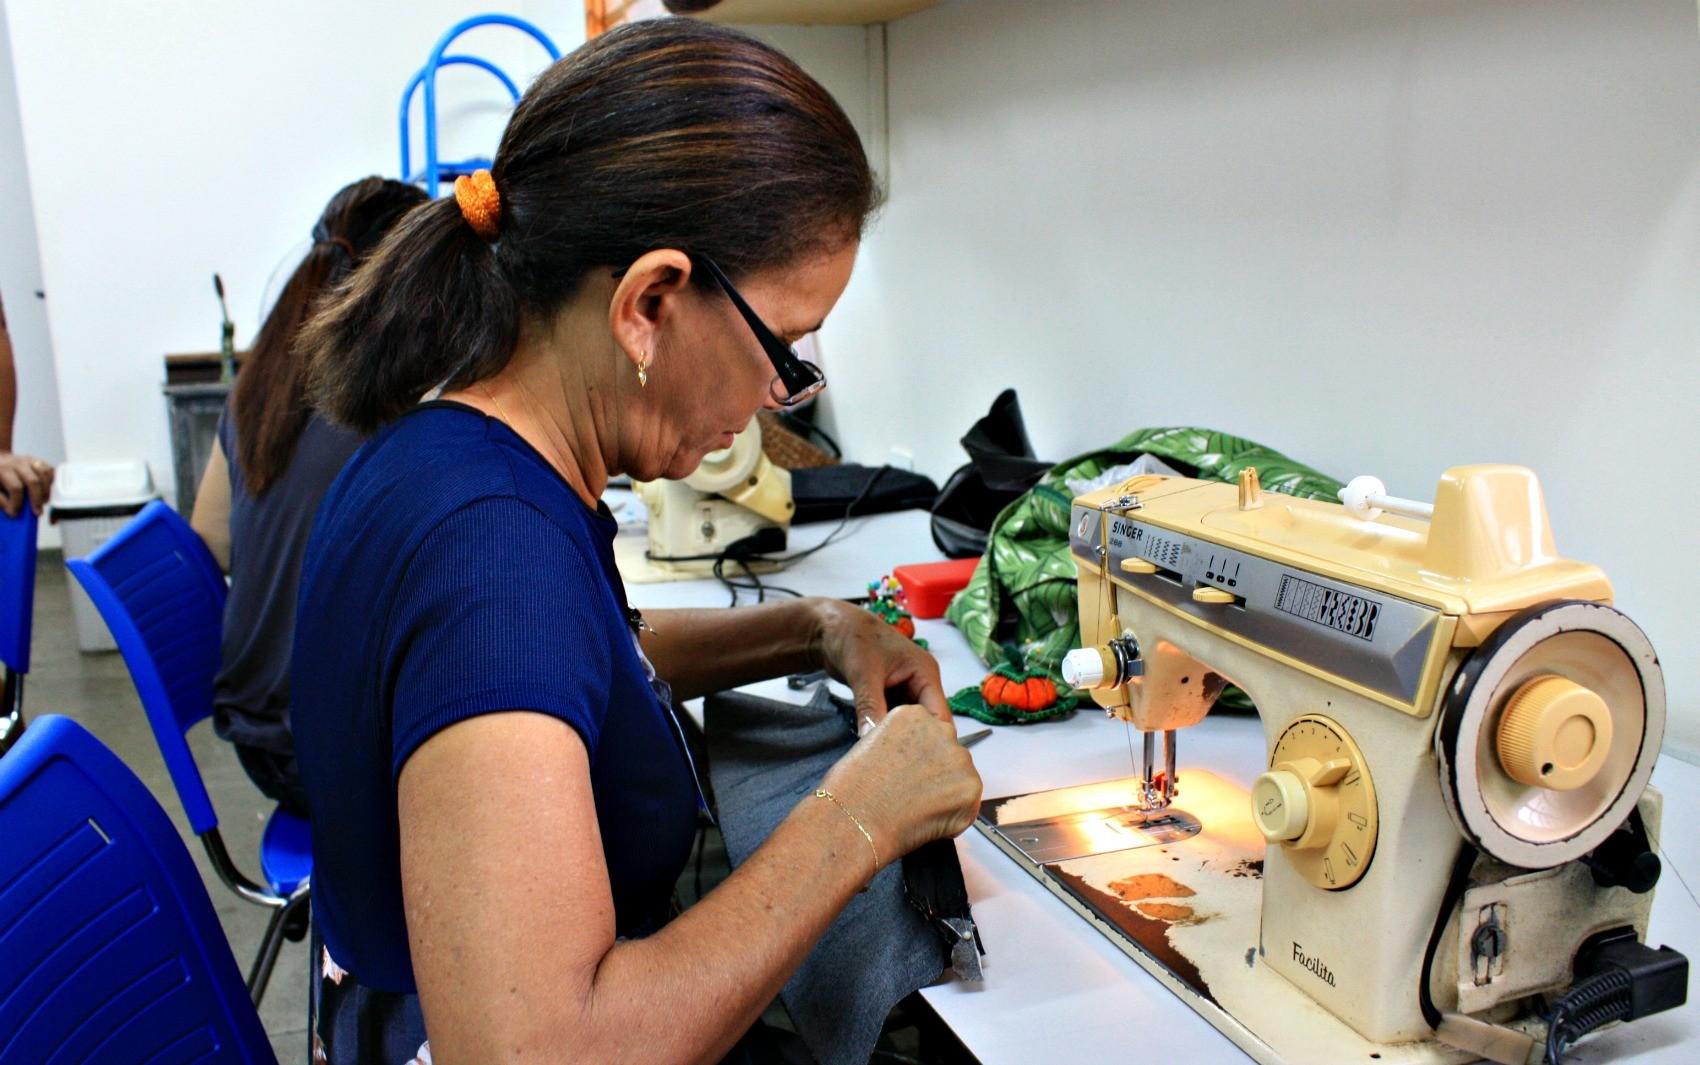 Cursos profissionalizantes gratuitos estão com inscrições abertas em Araçatuba